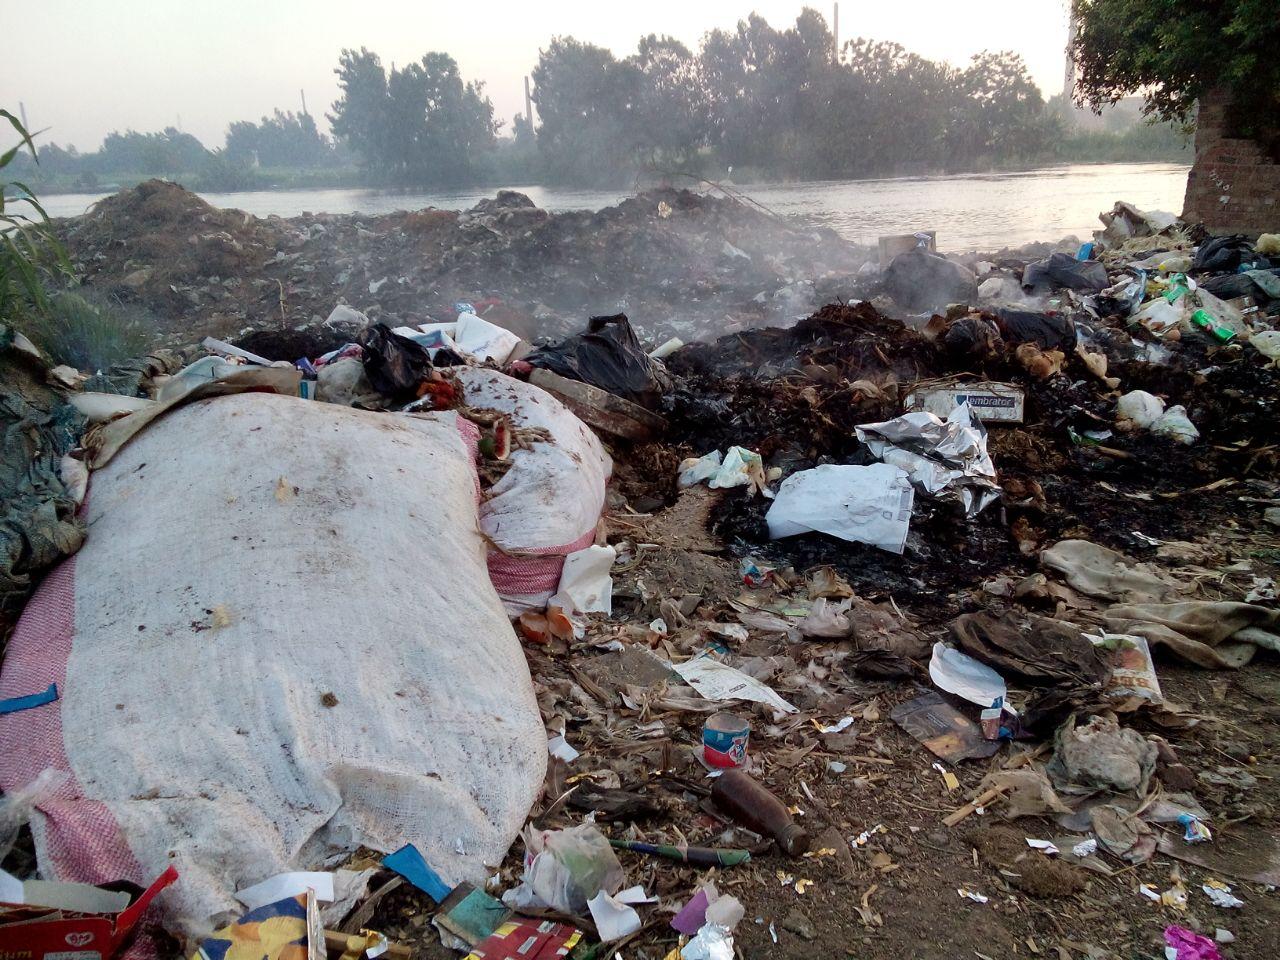 صور | ضفاف النيل بميت غمر تتحول لمقلب قمامة في غياب المحليات